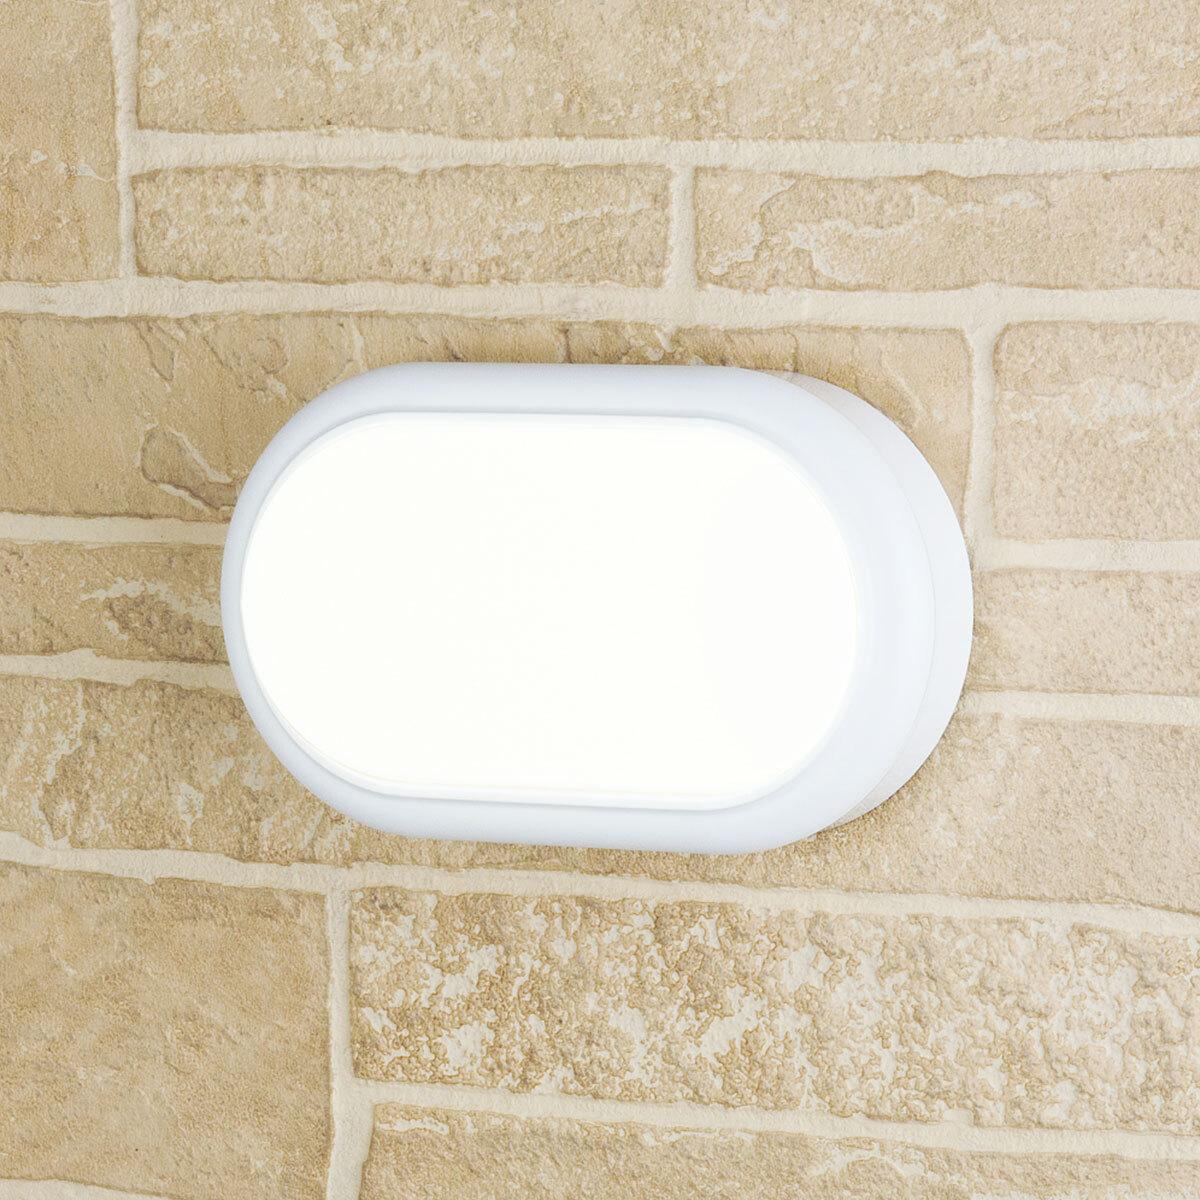 LTB04 / Светильник стационарный светодиодный LED Светильник Forssa белый светильник светодиодный led lamplandia clear 1х24вт акрил белый